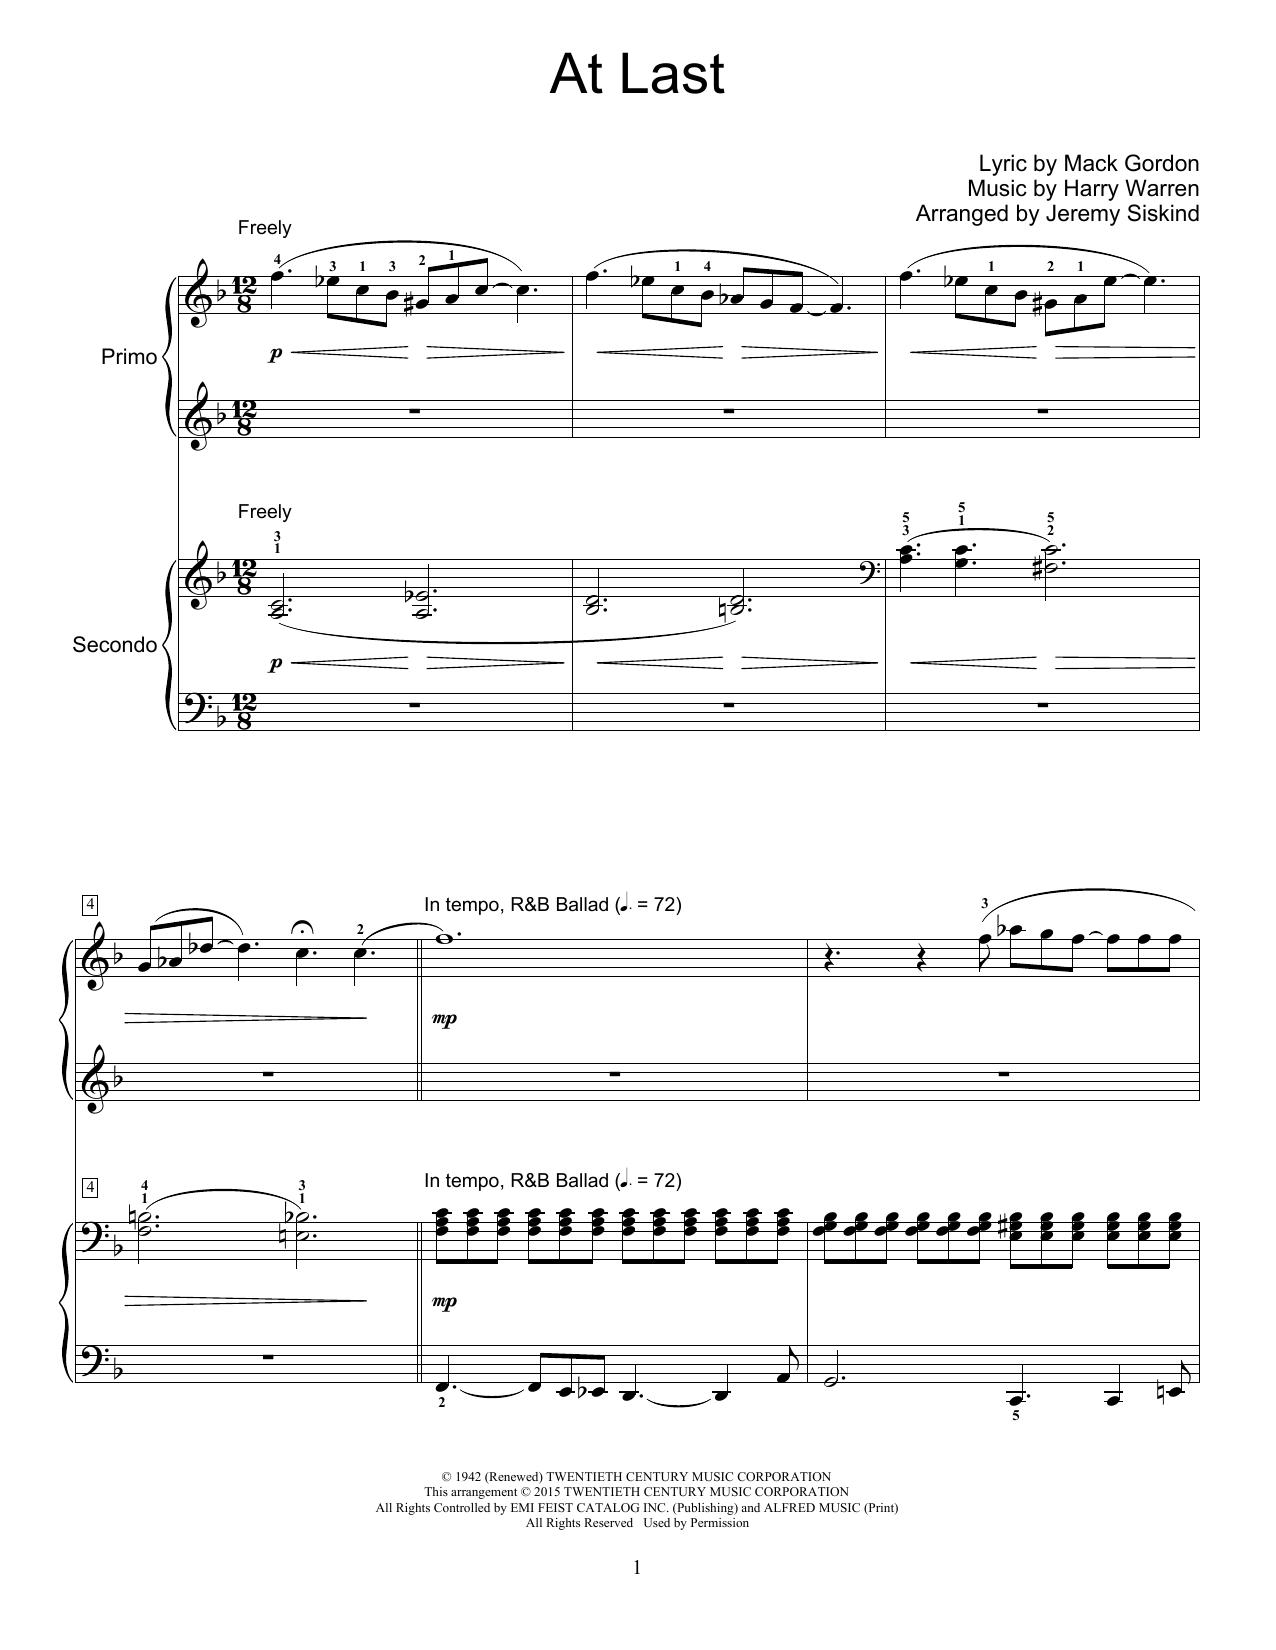 Etta James At Last Arr Jeremy Siskind Sheet Music Notes Chords Sheet Music Notes Sheet Music Music Notes